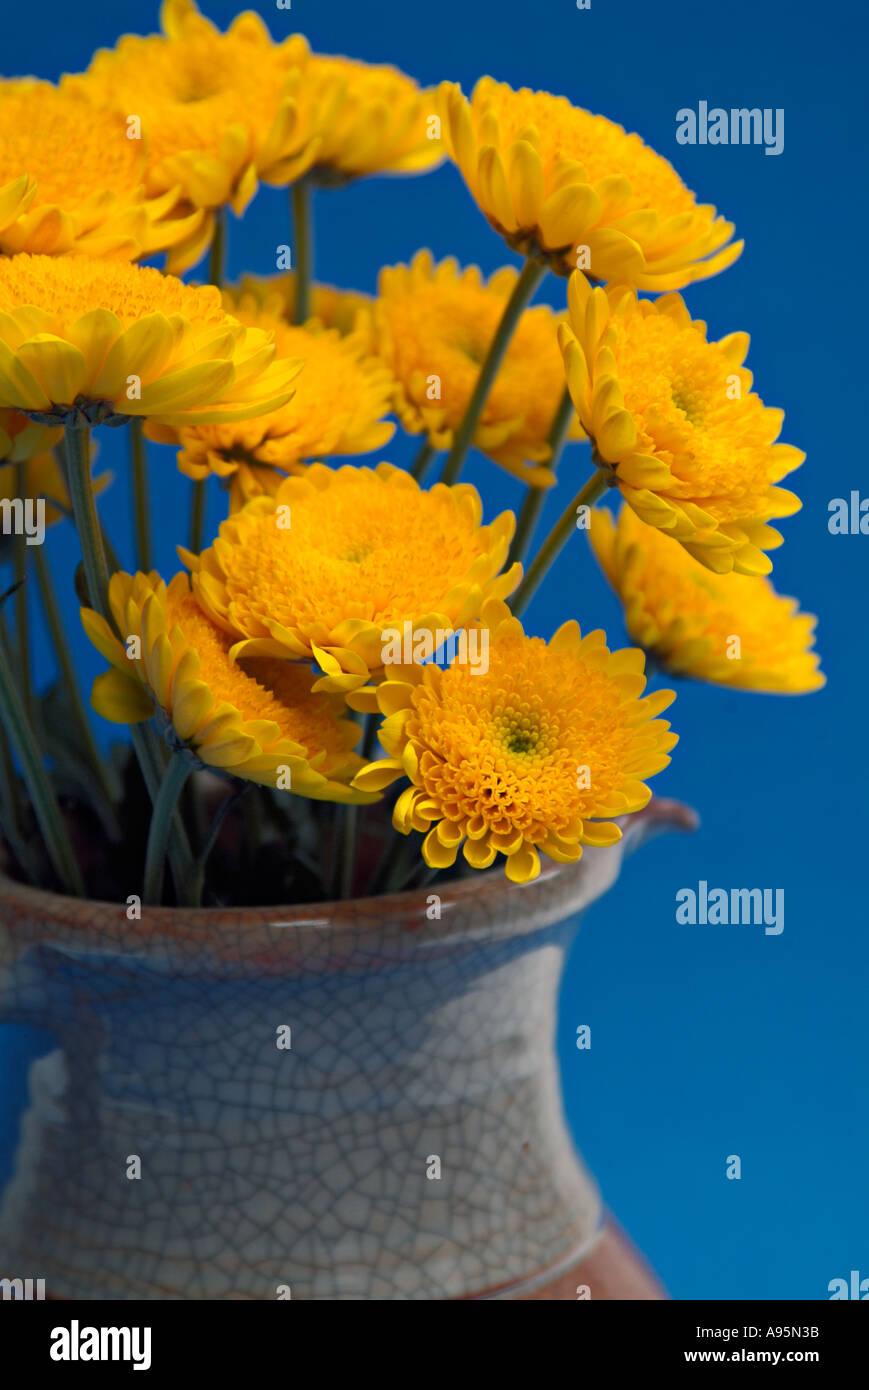 Fiori Gialli In Vaso.Vaso Di Fiori Gialli Contro La Parete Blu Foto Immagine Stock